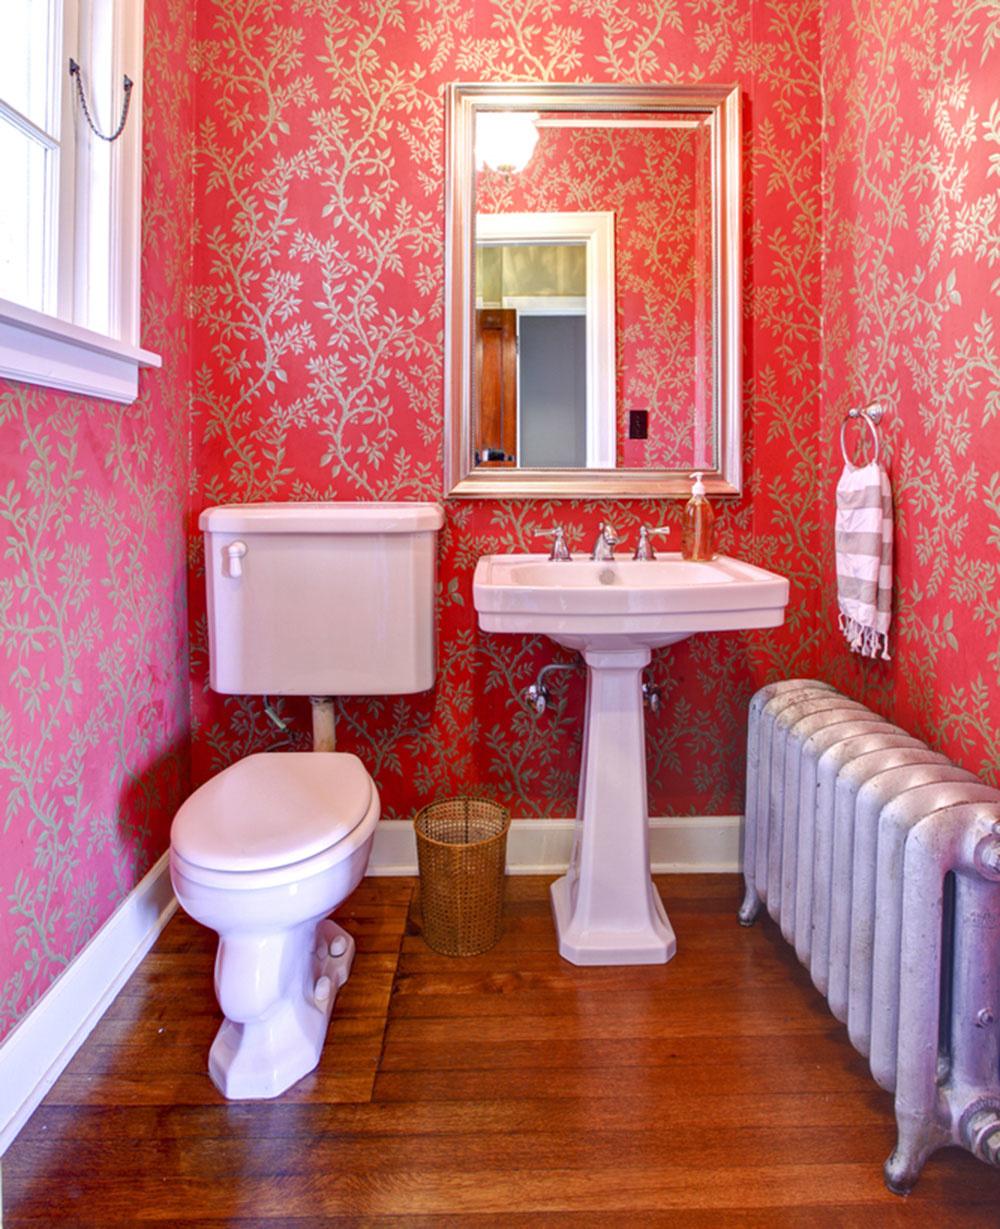 Skvelé triky do malej kúpeľne: Výber farieb nie je zďaleka všetko!